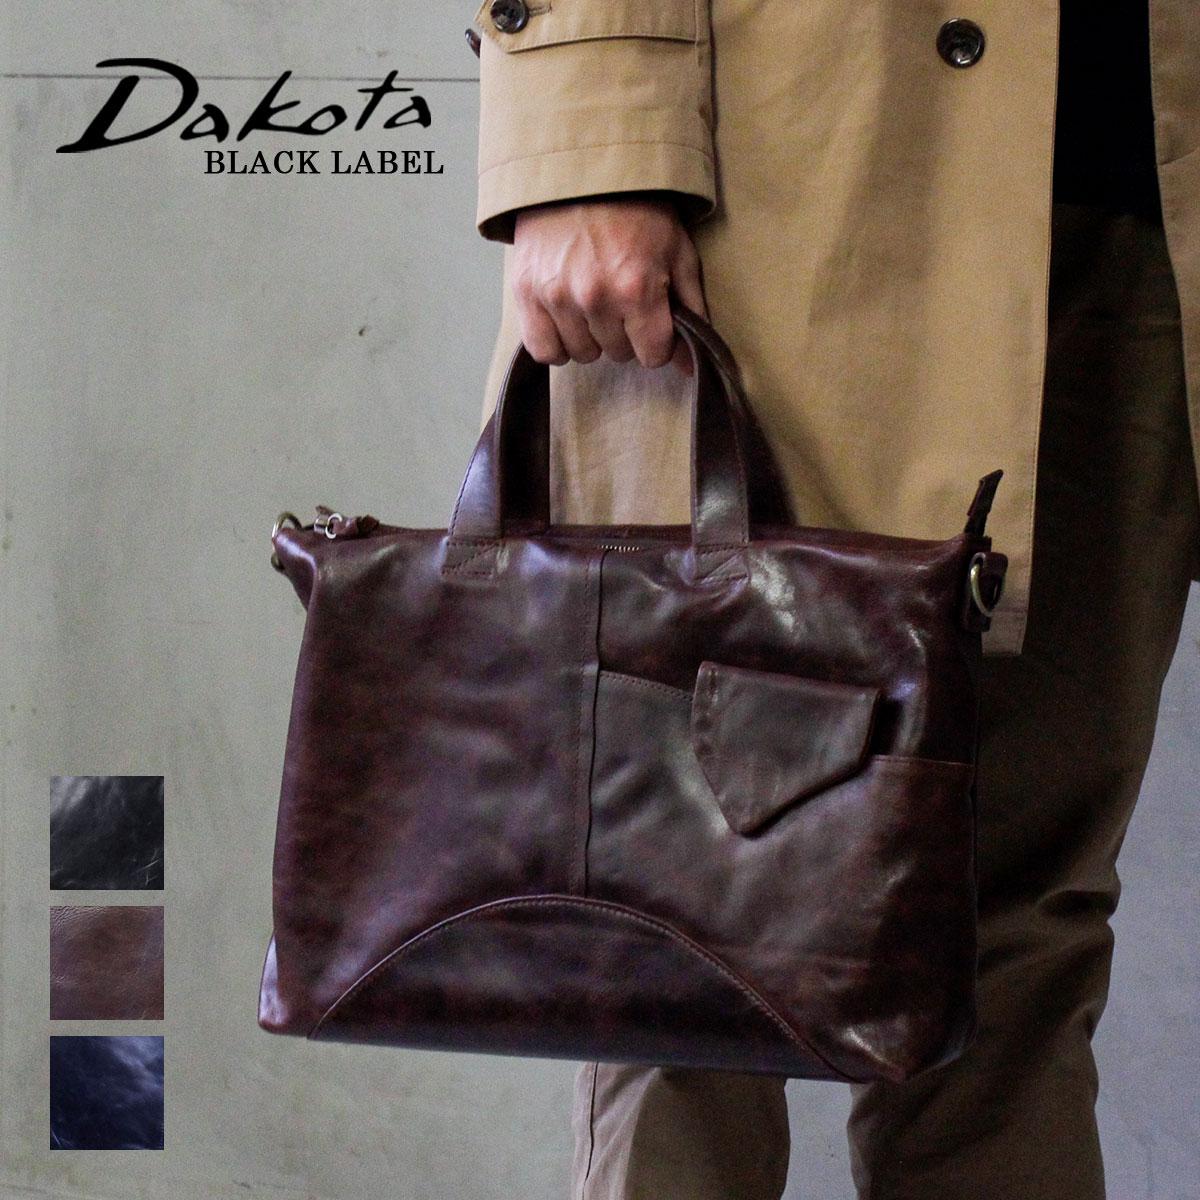 【メッセージカード・ラッピング無料】【選べるノベルティ大好評】Dakota BLACK LABEL ダコタブラックレーベル ノマド ヤギ革 トートバッグ 【A4】1620680